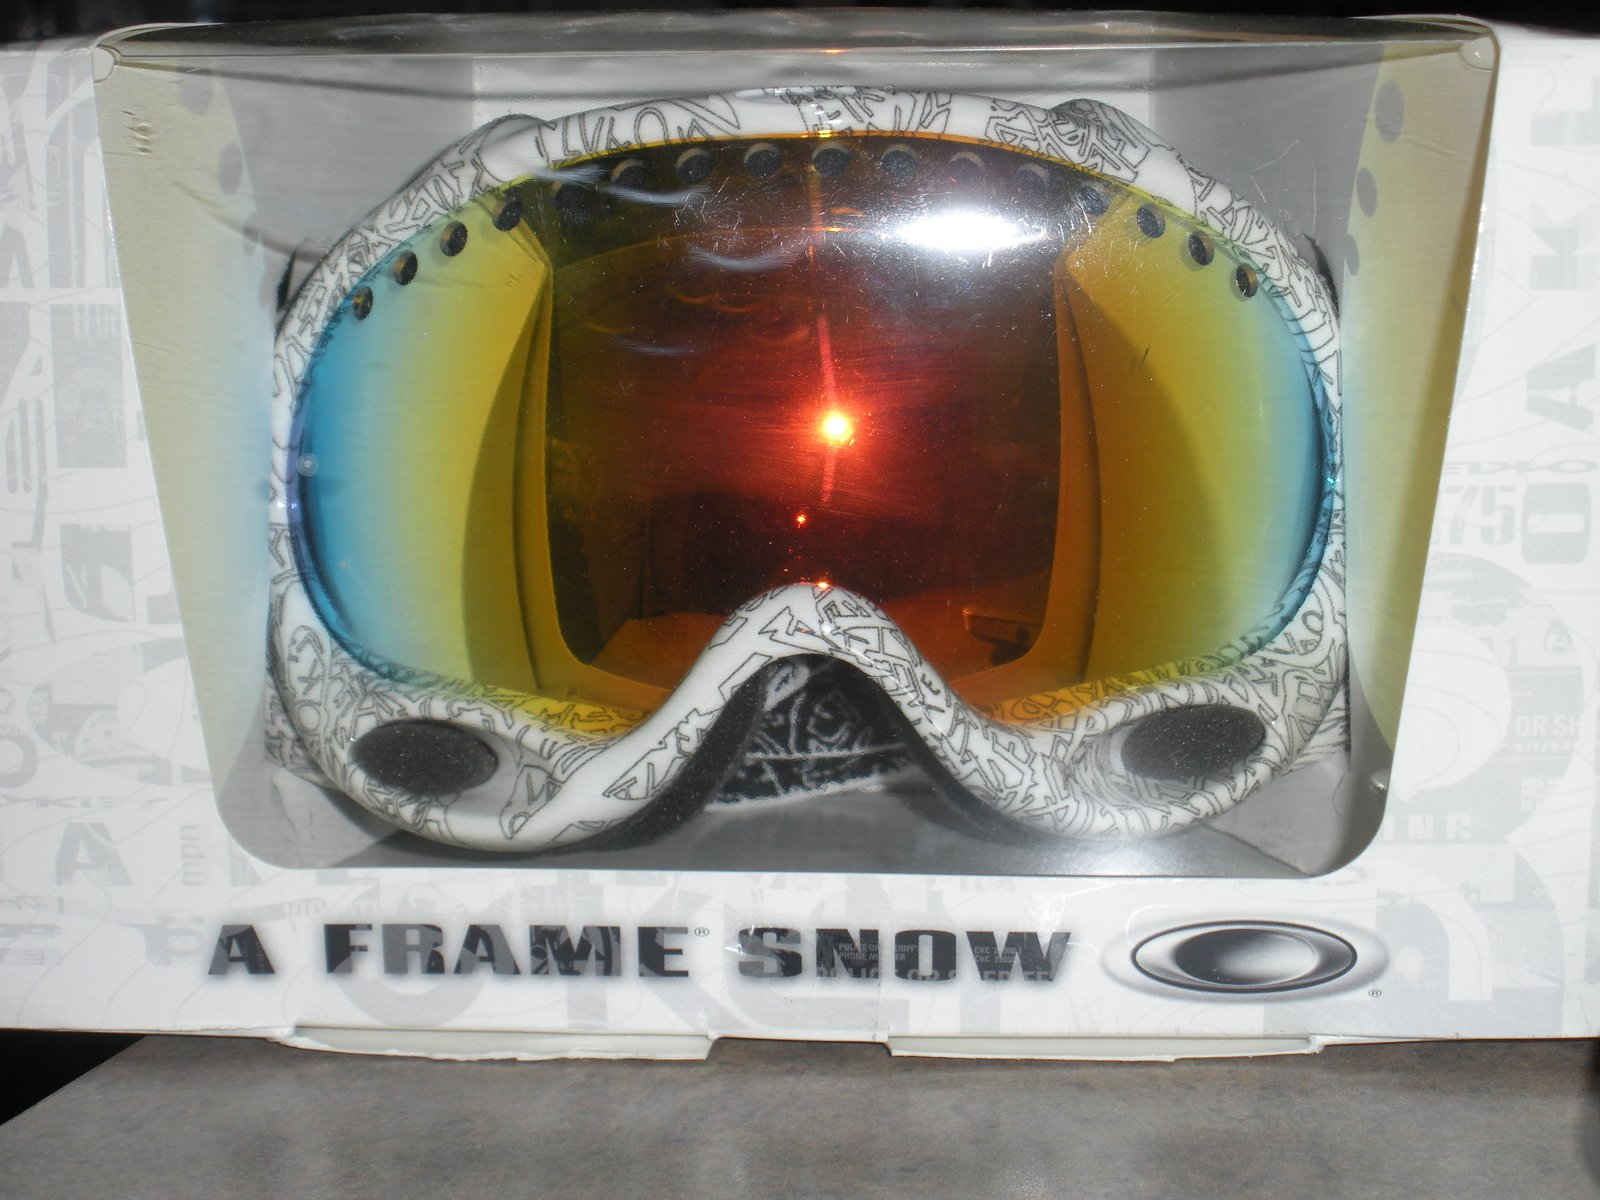 A frames